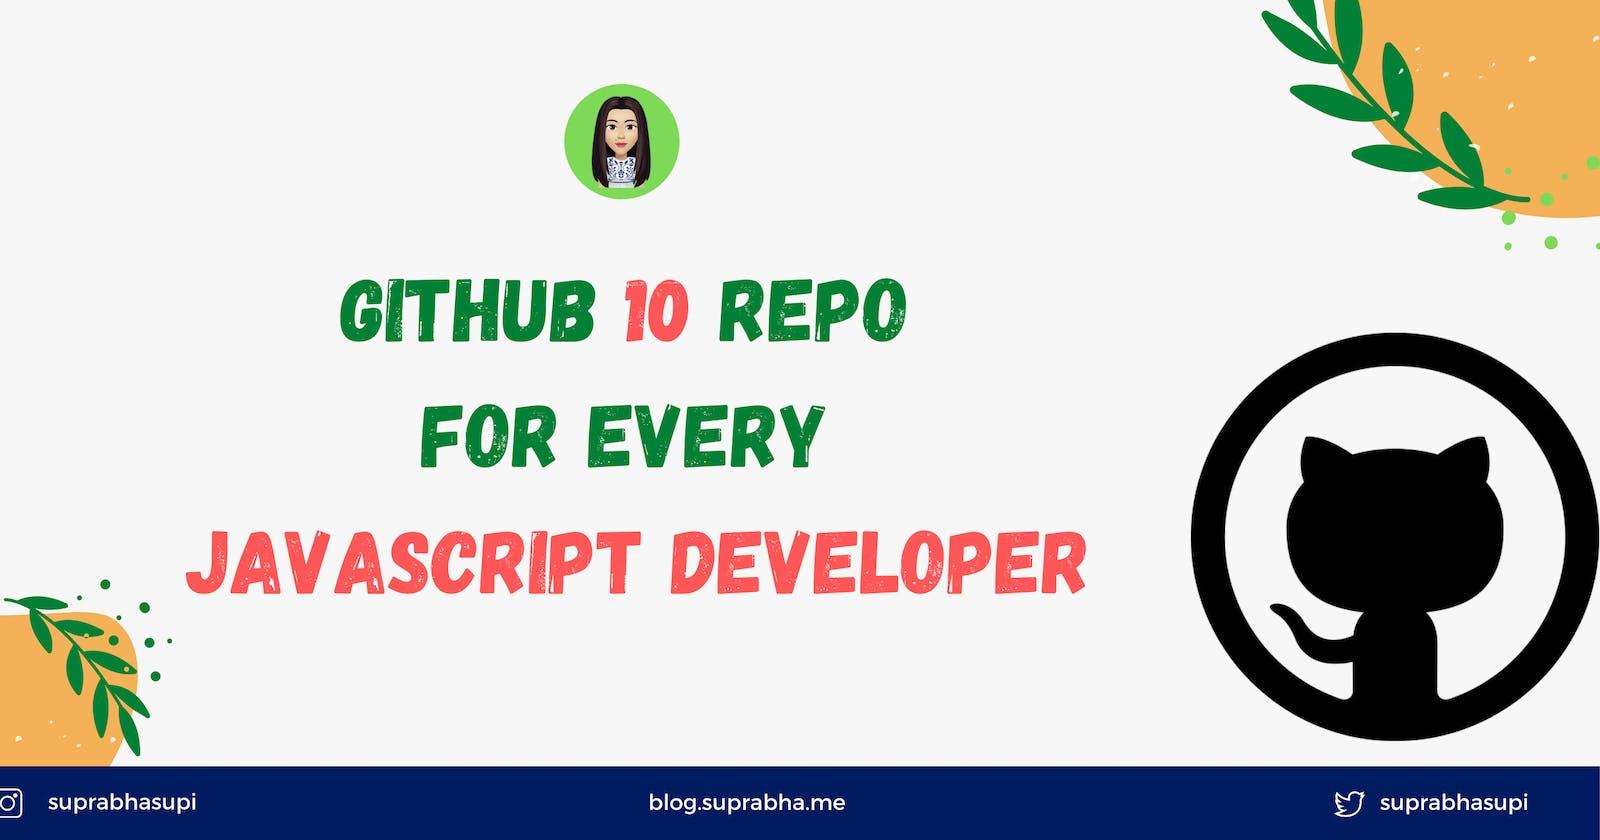 GitHub 10 Repos for JavaScript Developer